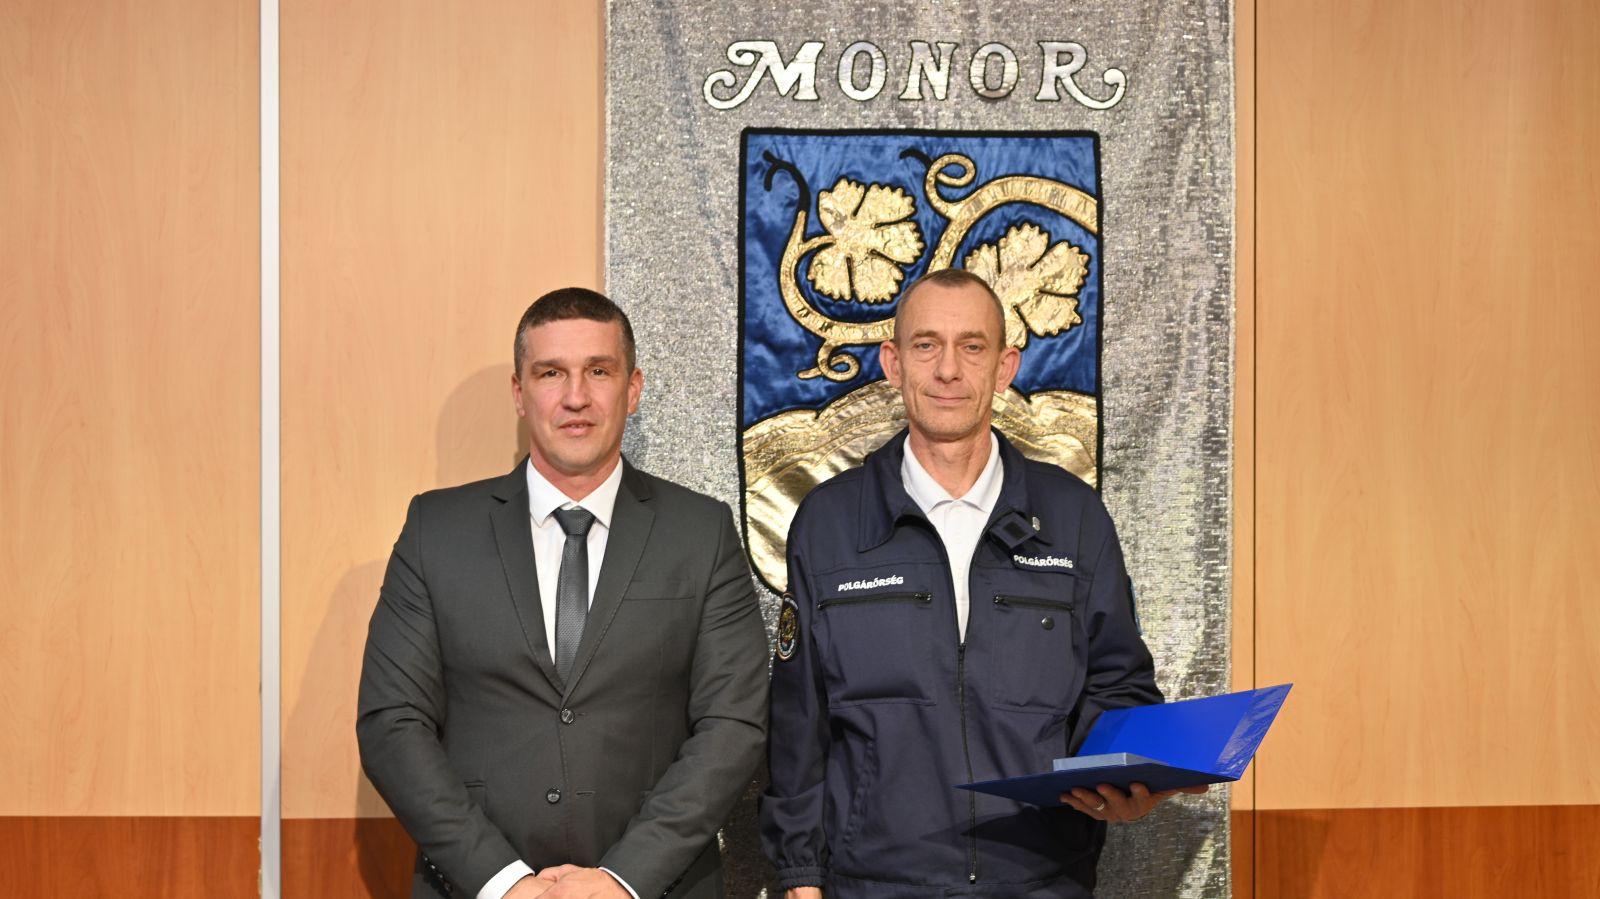 Az idén 30 éves Monori Polgárőr Közhasznú Egyesület kapta a Monor Közbiztonságáért Díjat